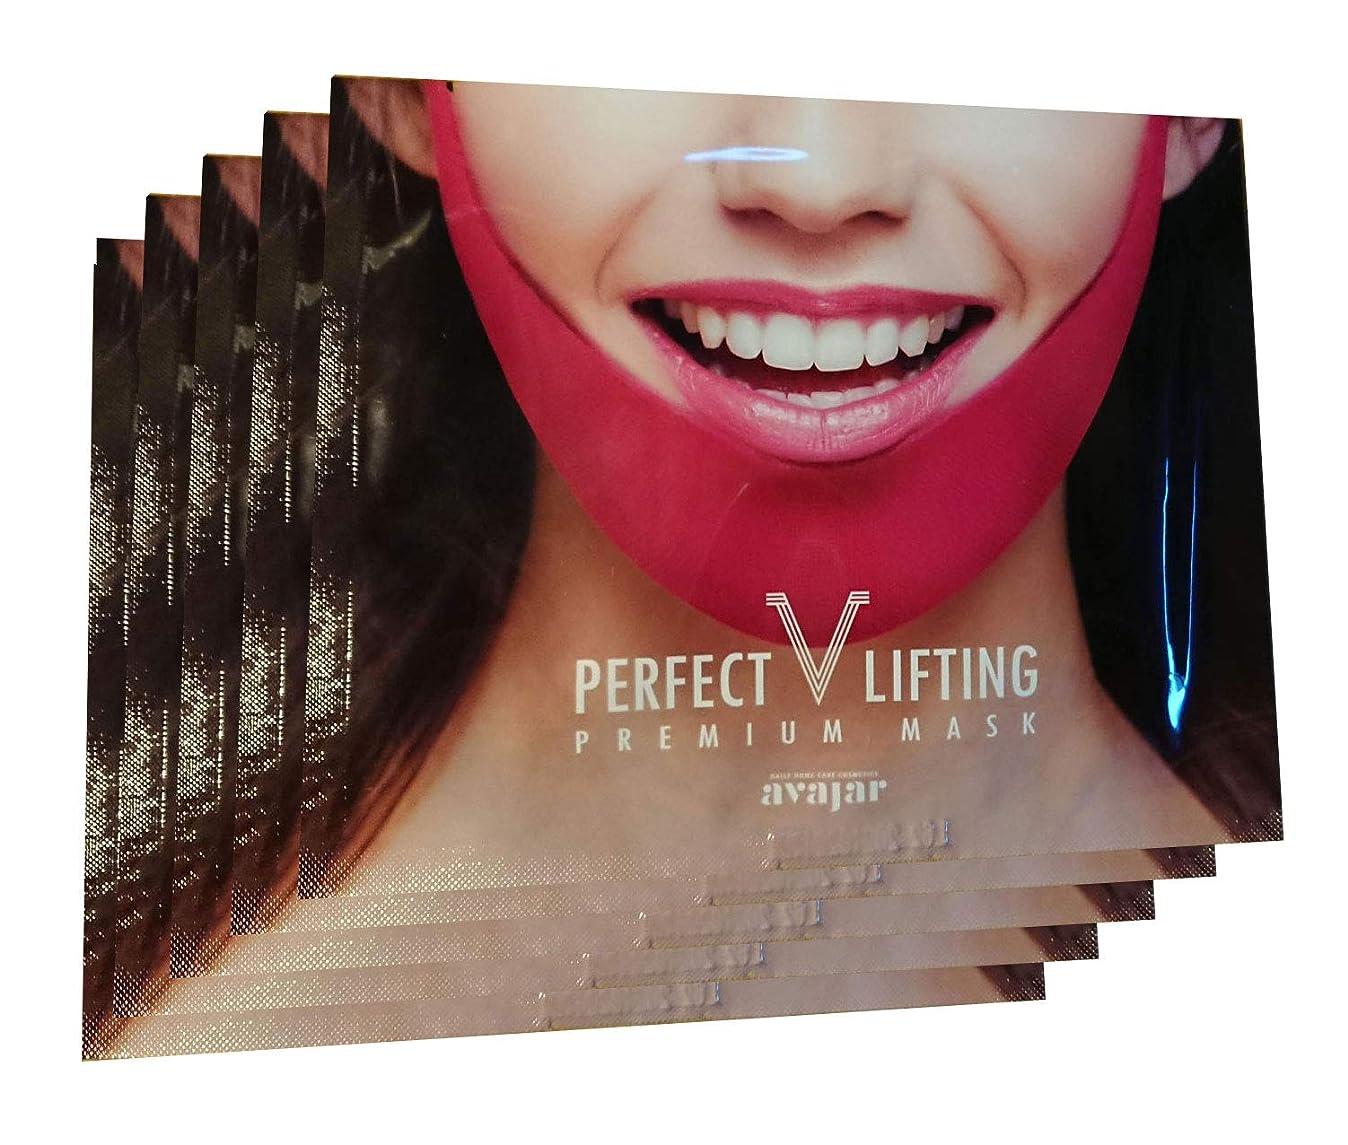 概してくしゃくしゃ増幅Avajar 小顔効果と顎ラインを取り戻す! パーフェクトVリフティング 1パック